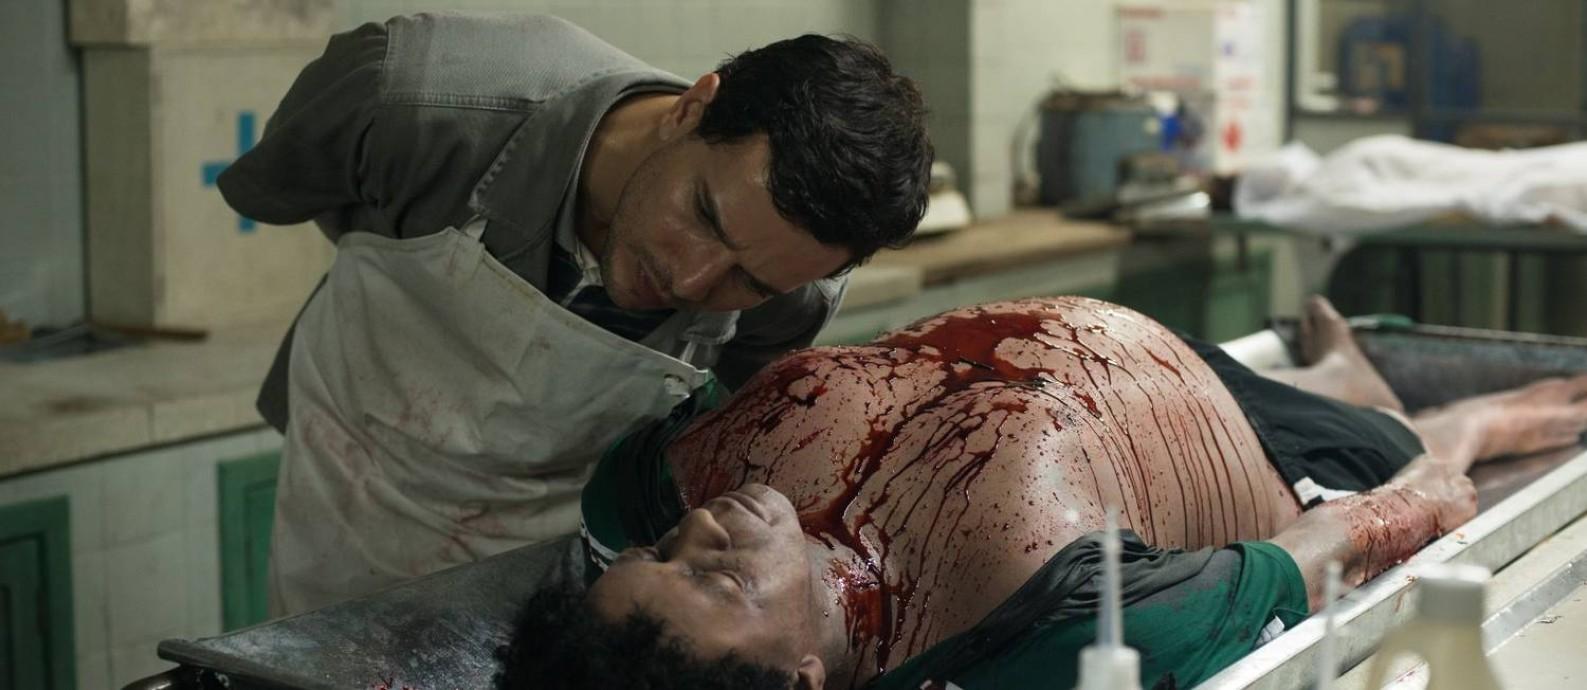 Em 'Morto não fala', Stênio (Daniel de Oliveira) trabalha no necrotério de uma cidade grande e violenta Foto: Divulgação